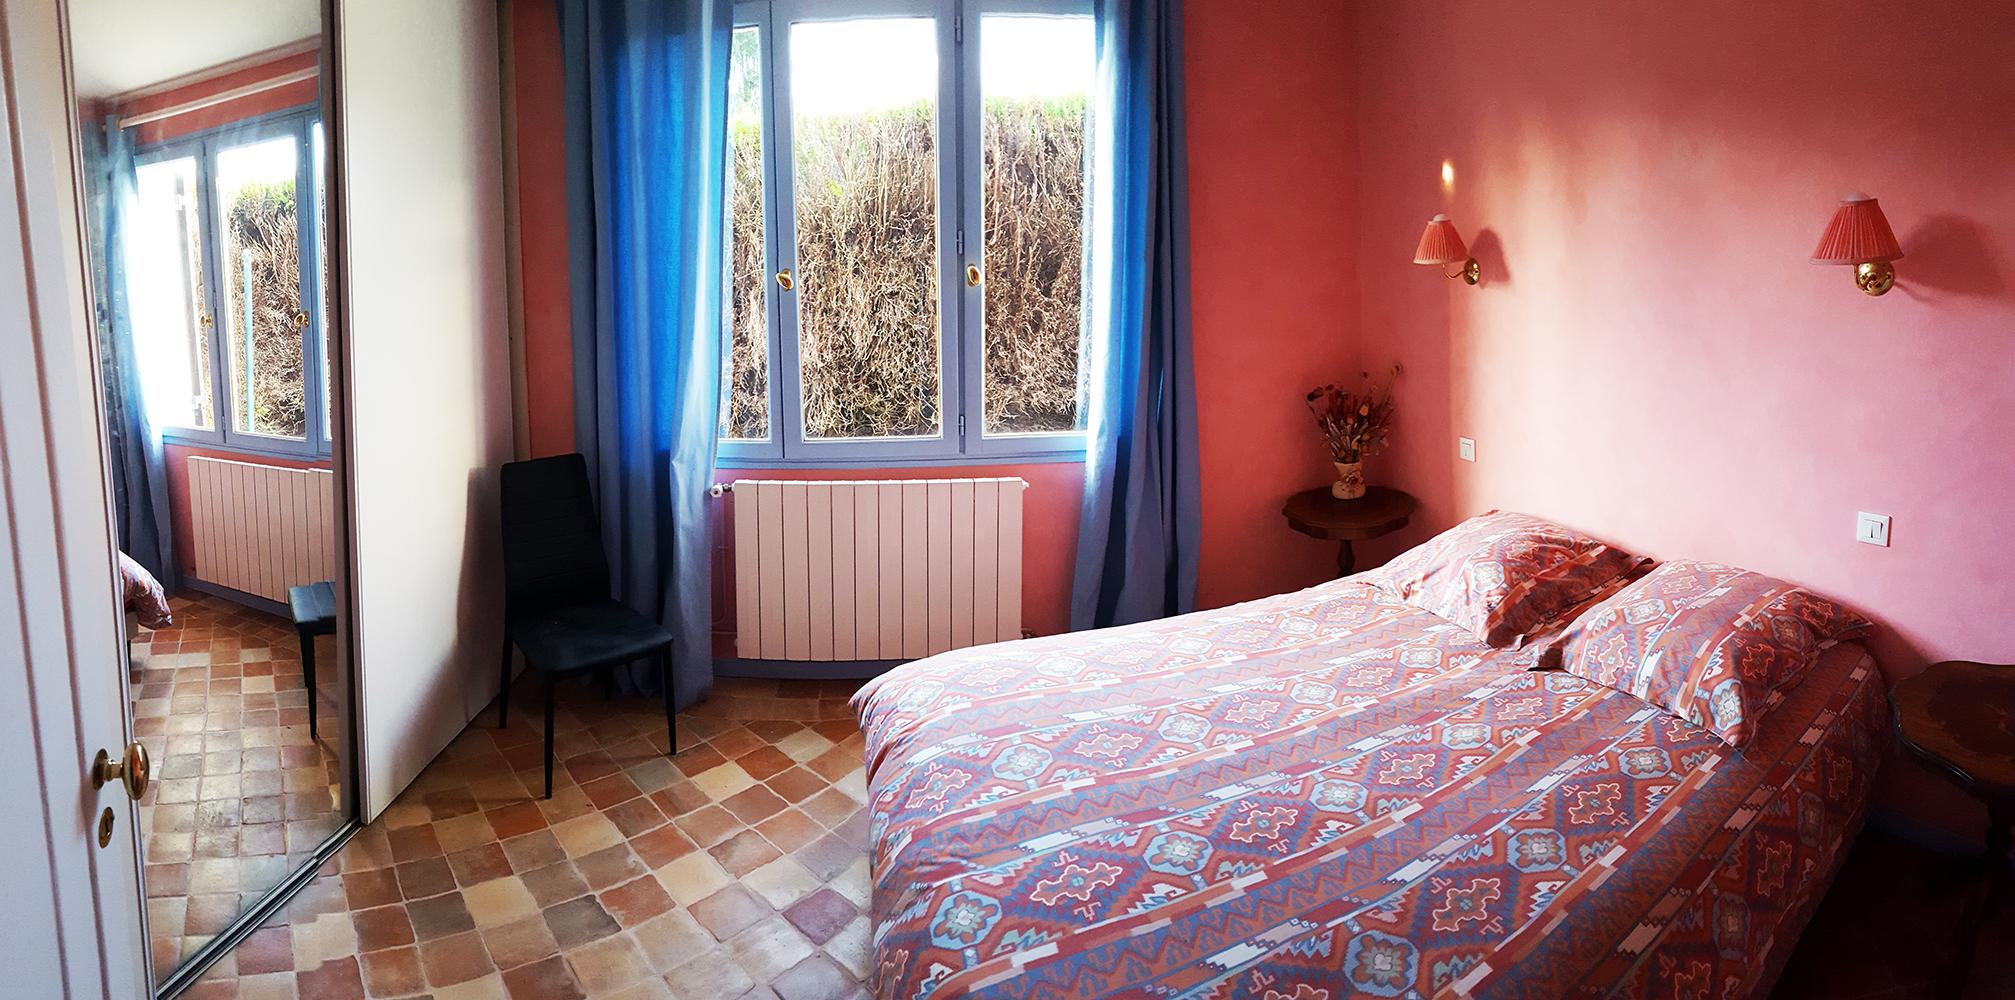 Chambre 3 au rez-de-chaussée avec un lit double et un grand placard